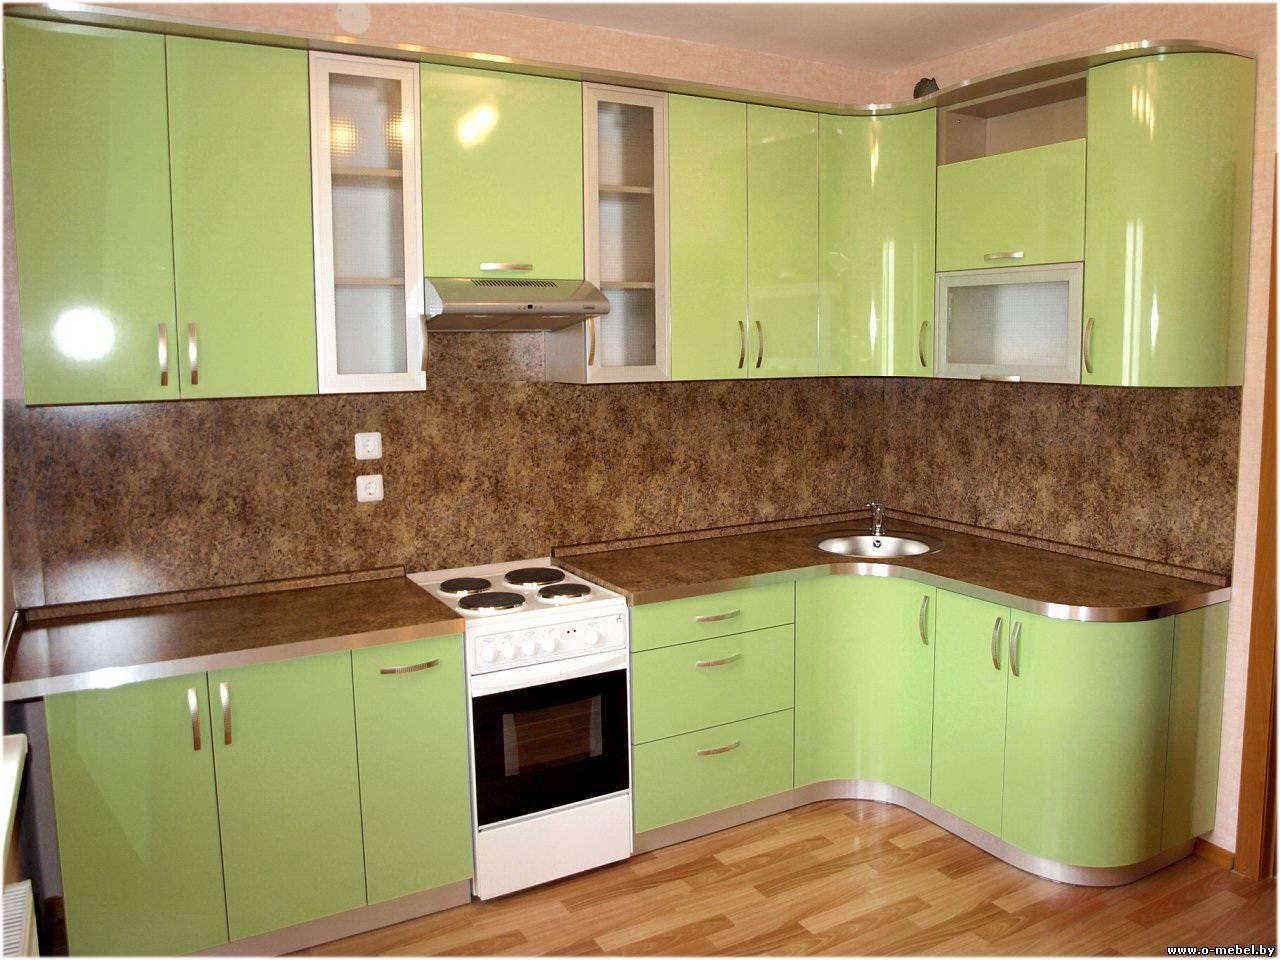 Фото дизайна угловых кухонь из пластика